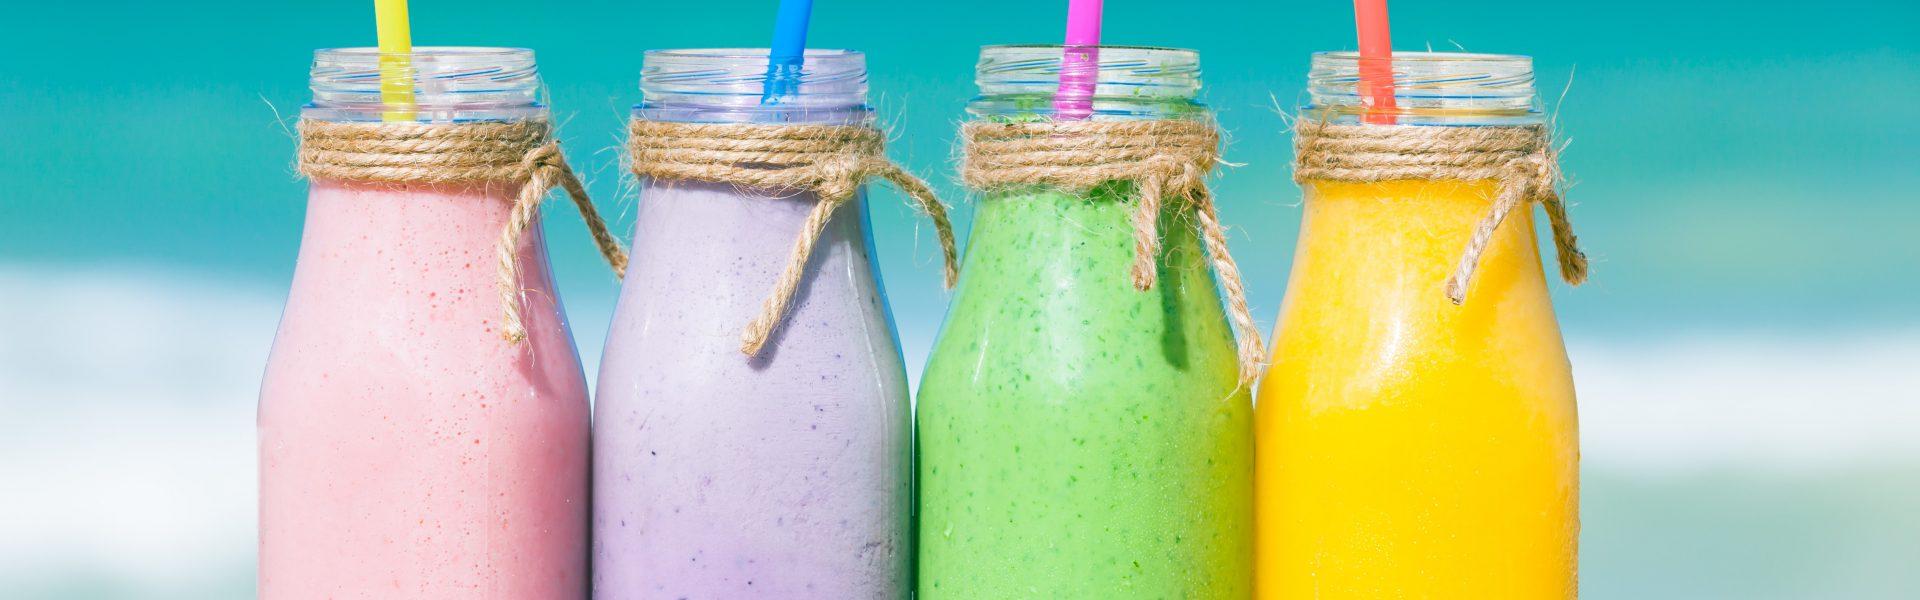 Léto plné chutí! Připravte si zdravé smoothies bohaté na vitamíny